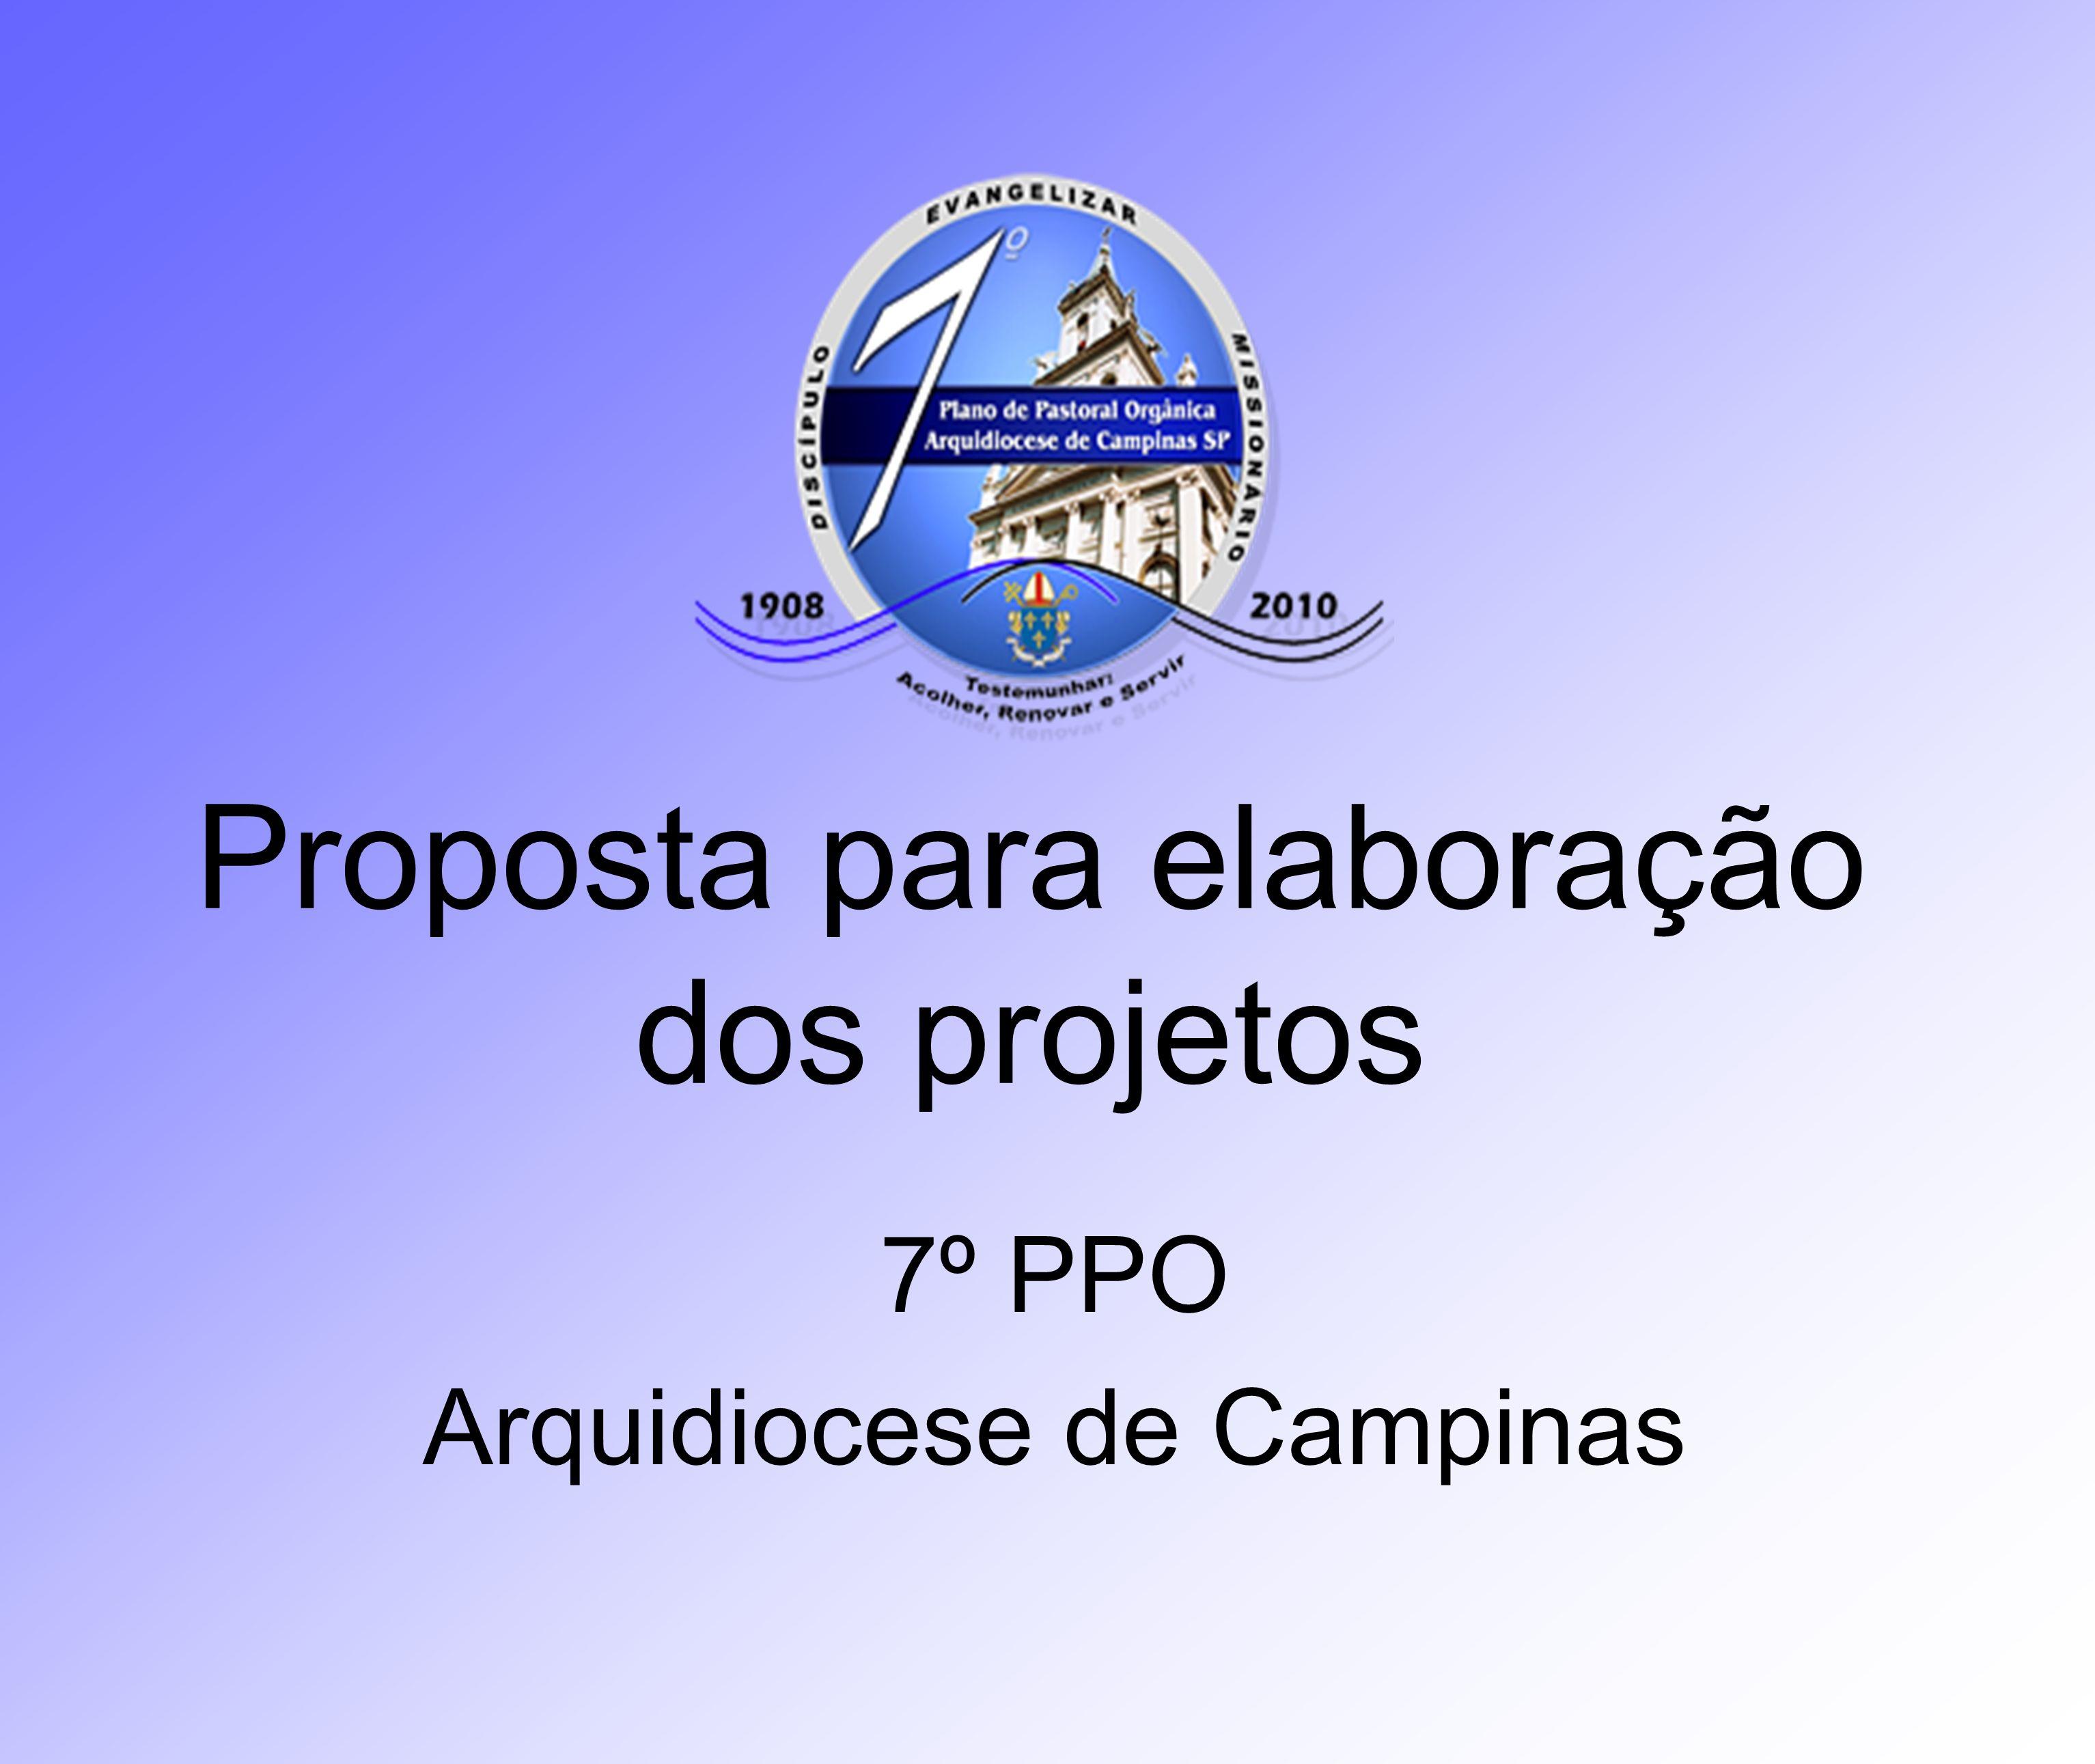 Proposta para elaboração dos projetos